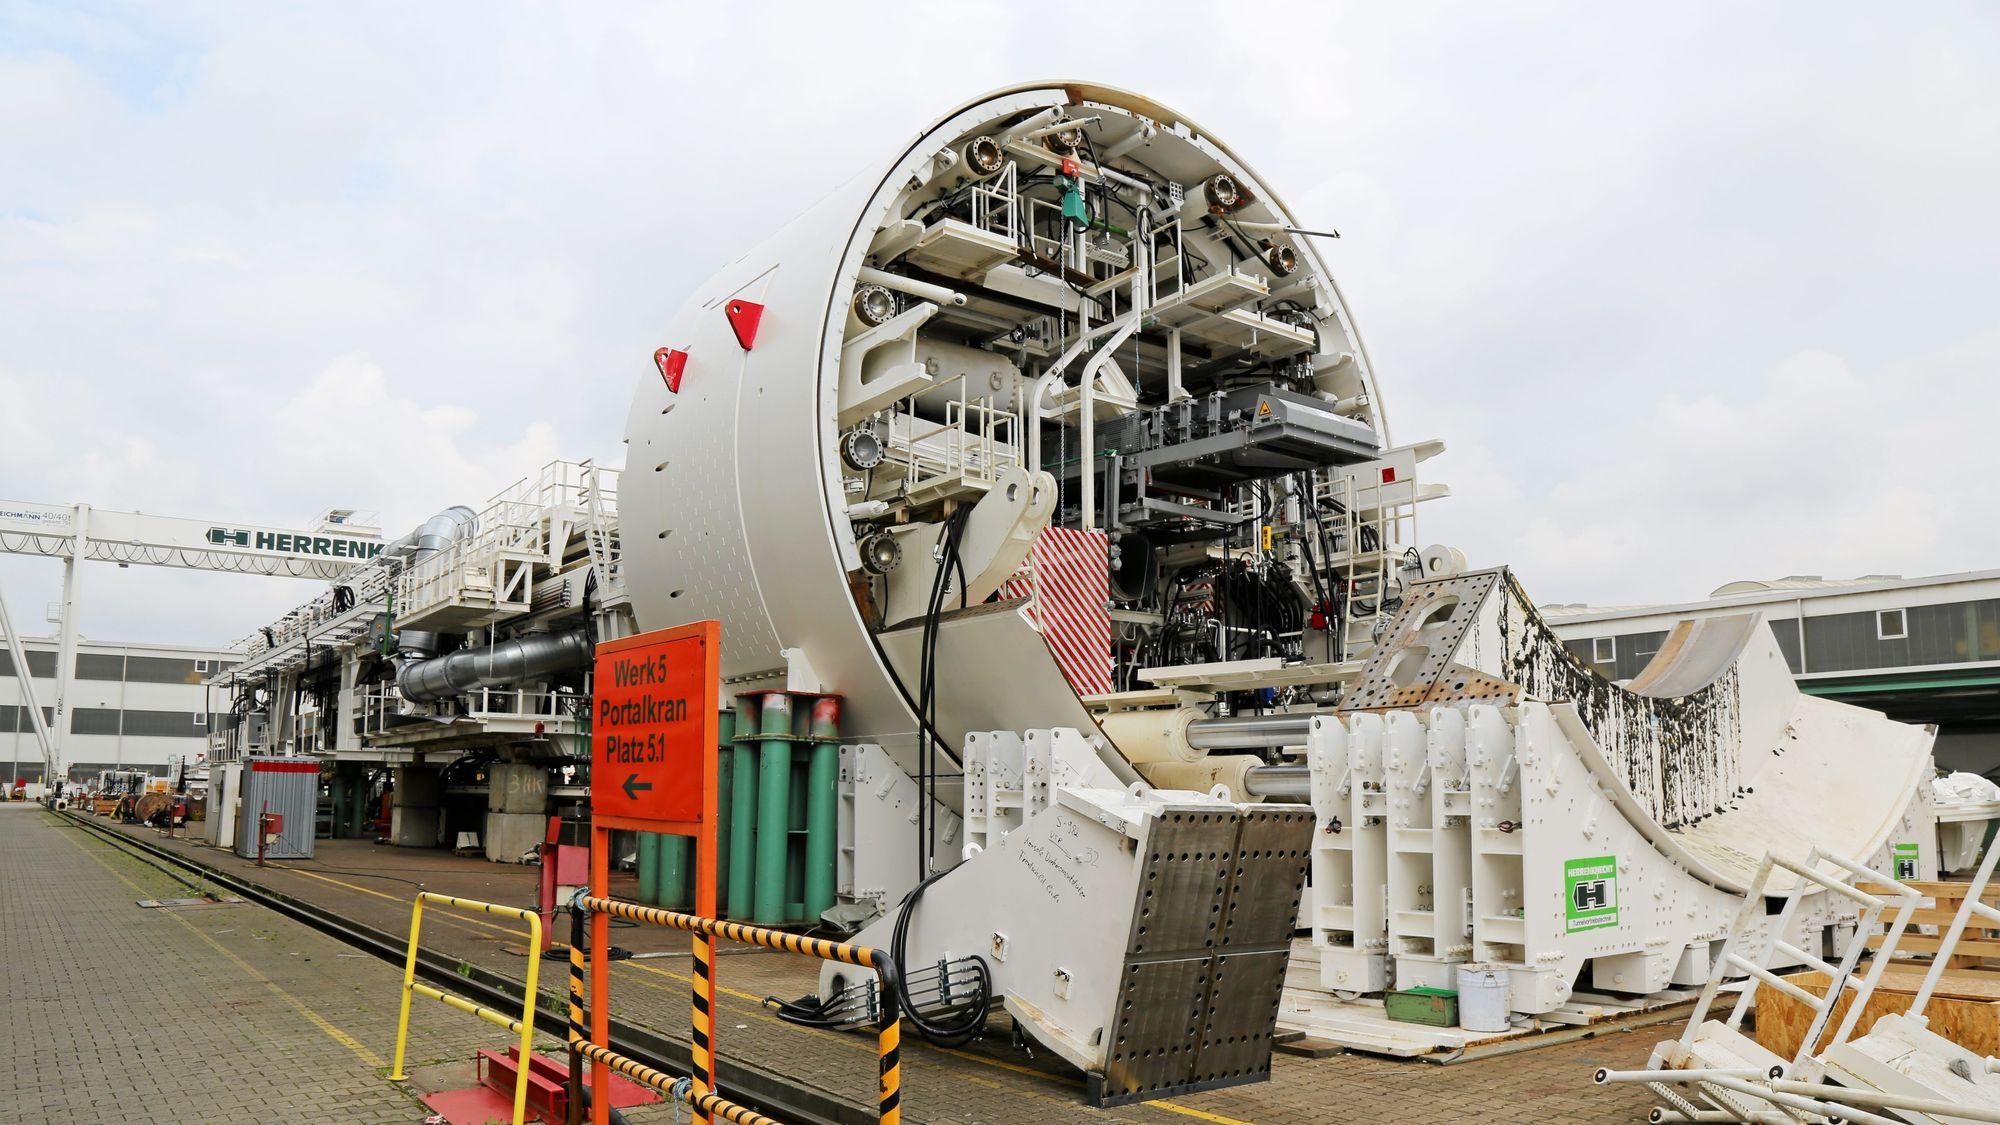 ENORMT: Dette bildet er tatt av vårt søstermagasin Anlegg & Transport i forbindelse med at den fjerde og siste tunnelboremaskinen TBM, altså den typen maskin Magda og Anna er, ble overlevert Jernbaneverket og entreprenør Acciona Ghella AGJV på fabrikken til Herrenknecht i tyske Schwanau 8. juni 2016.